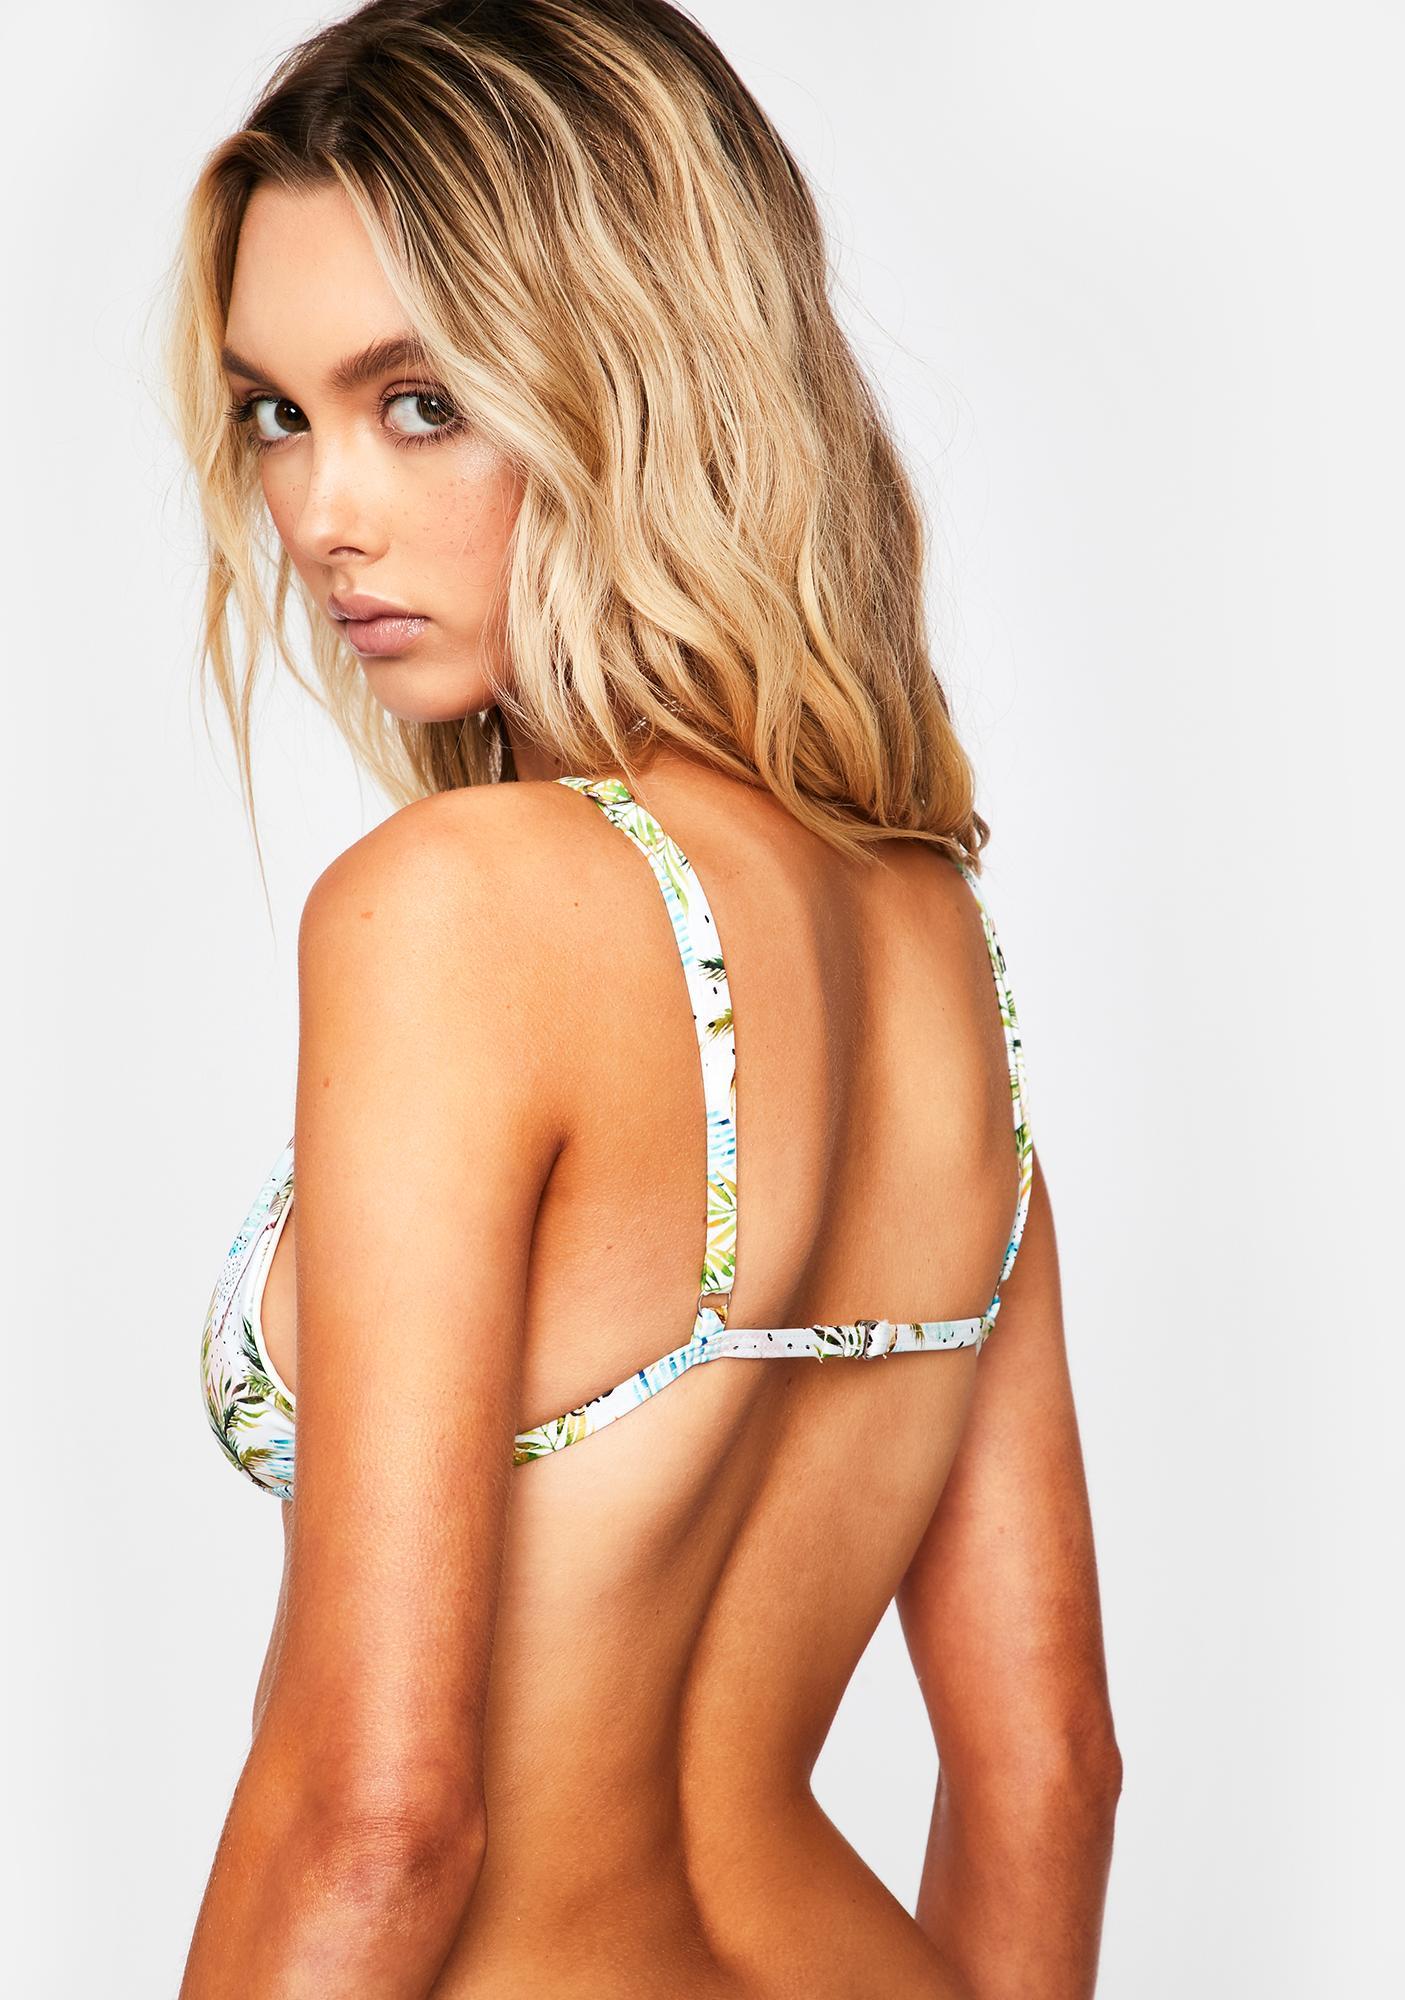 Dippin' Daisy's Ibiza Summer Playa Bikini Top